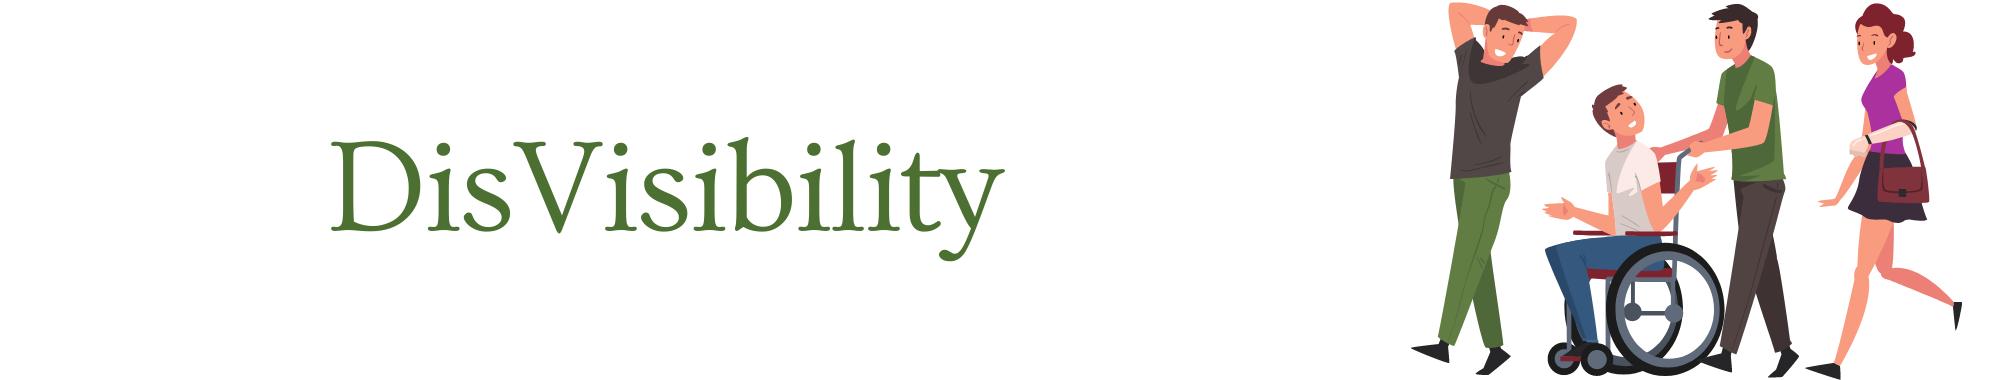 DisVisibility